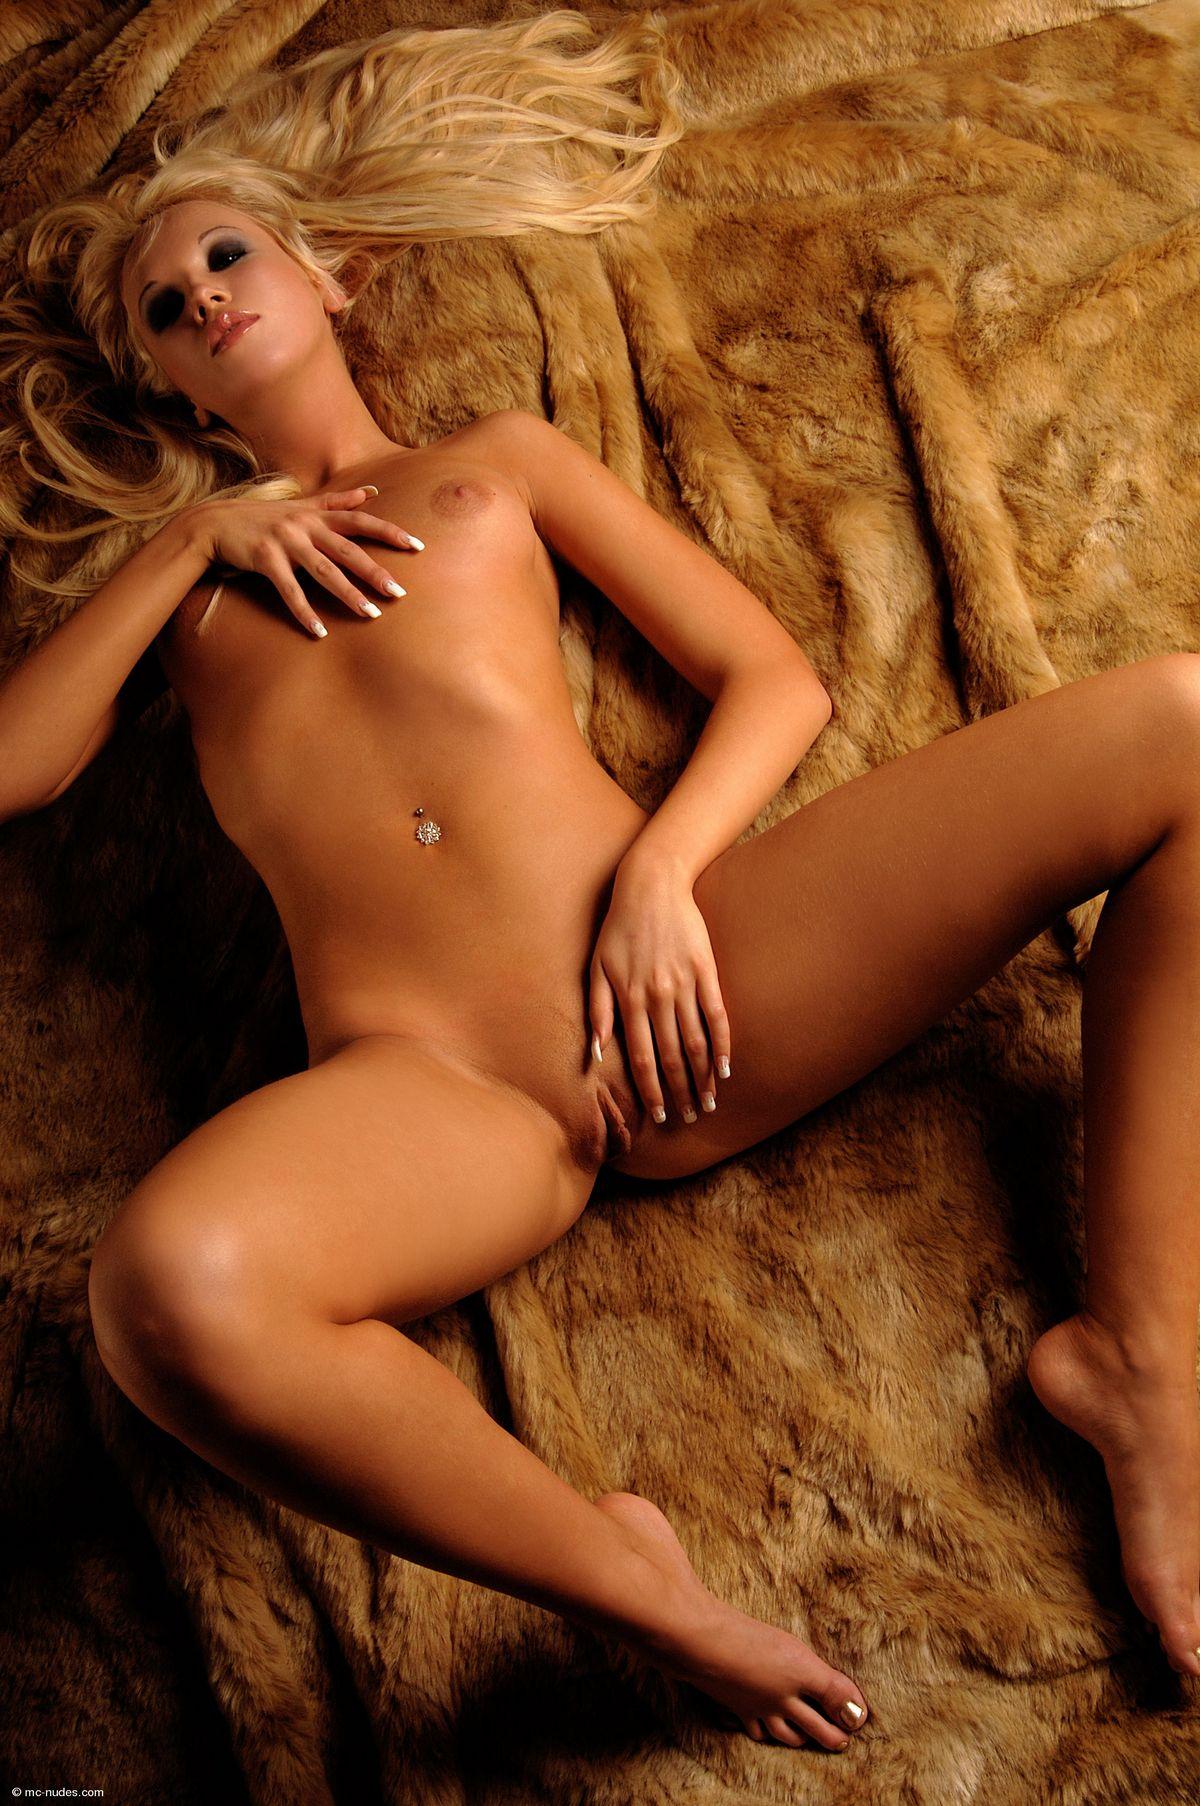 Голая блондиночка Китти Тоффи. Порно блондинка.